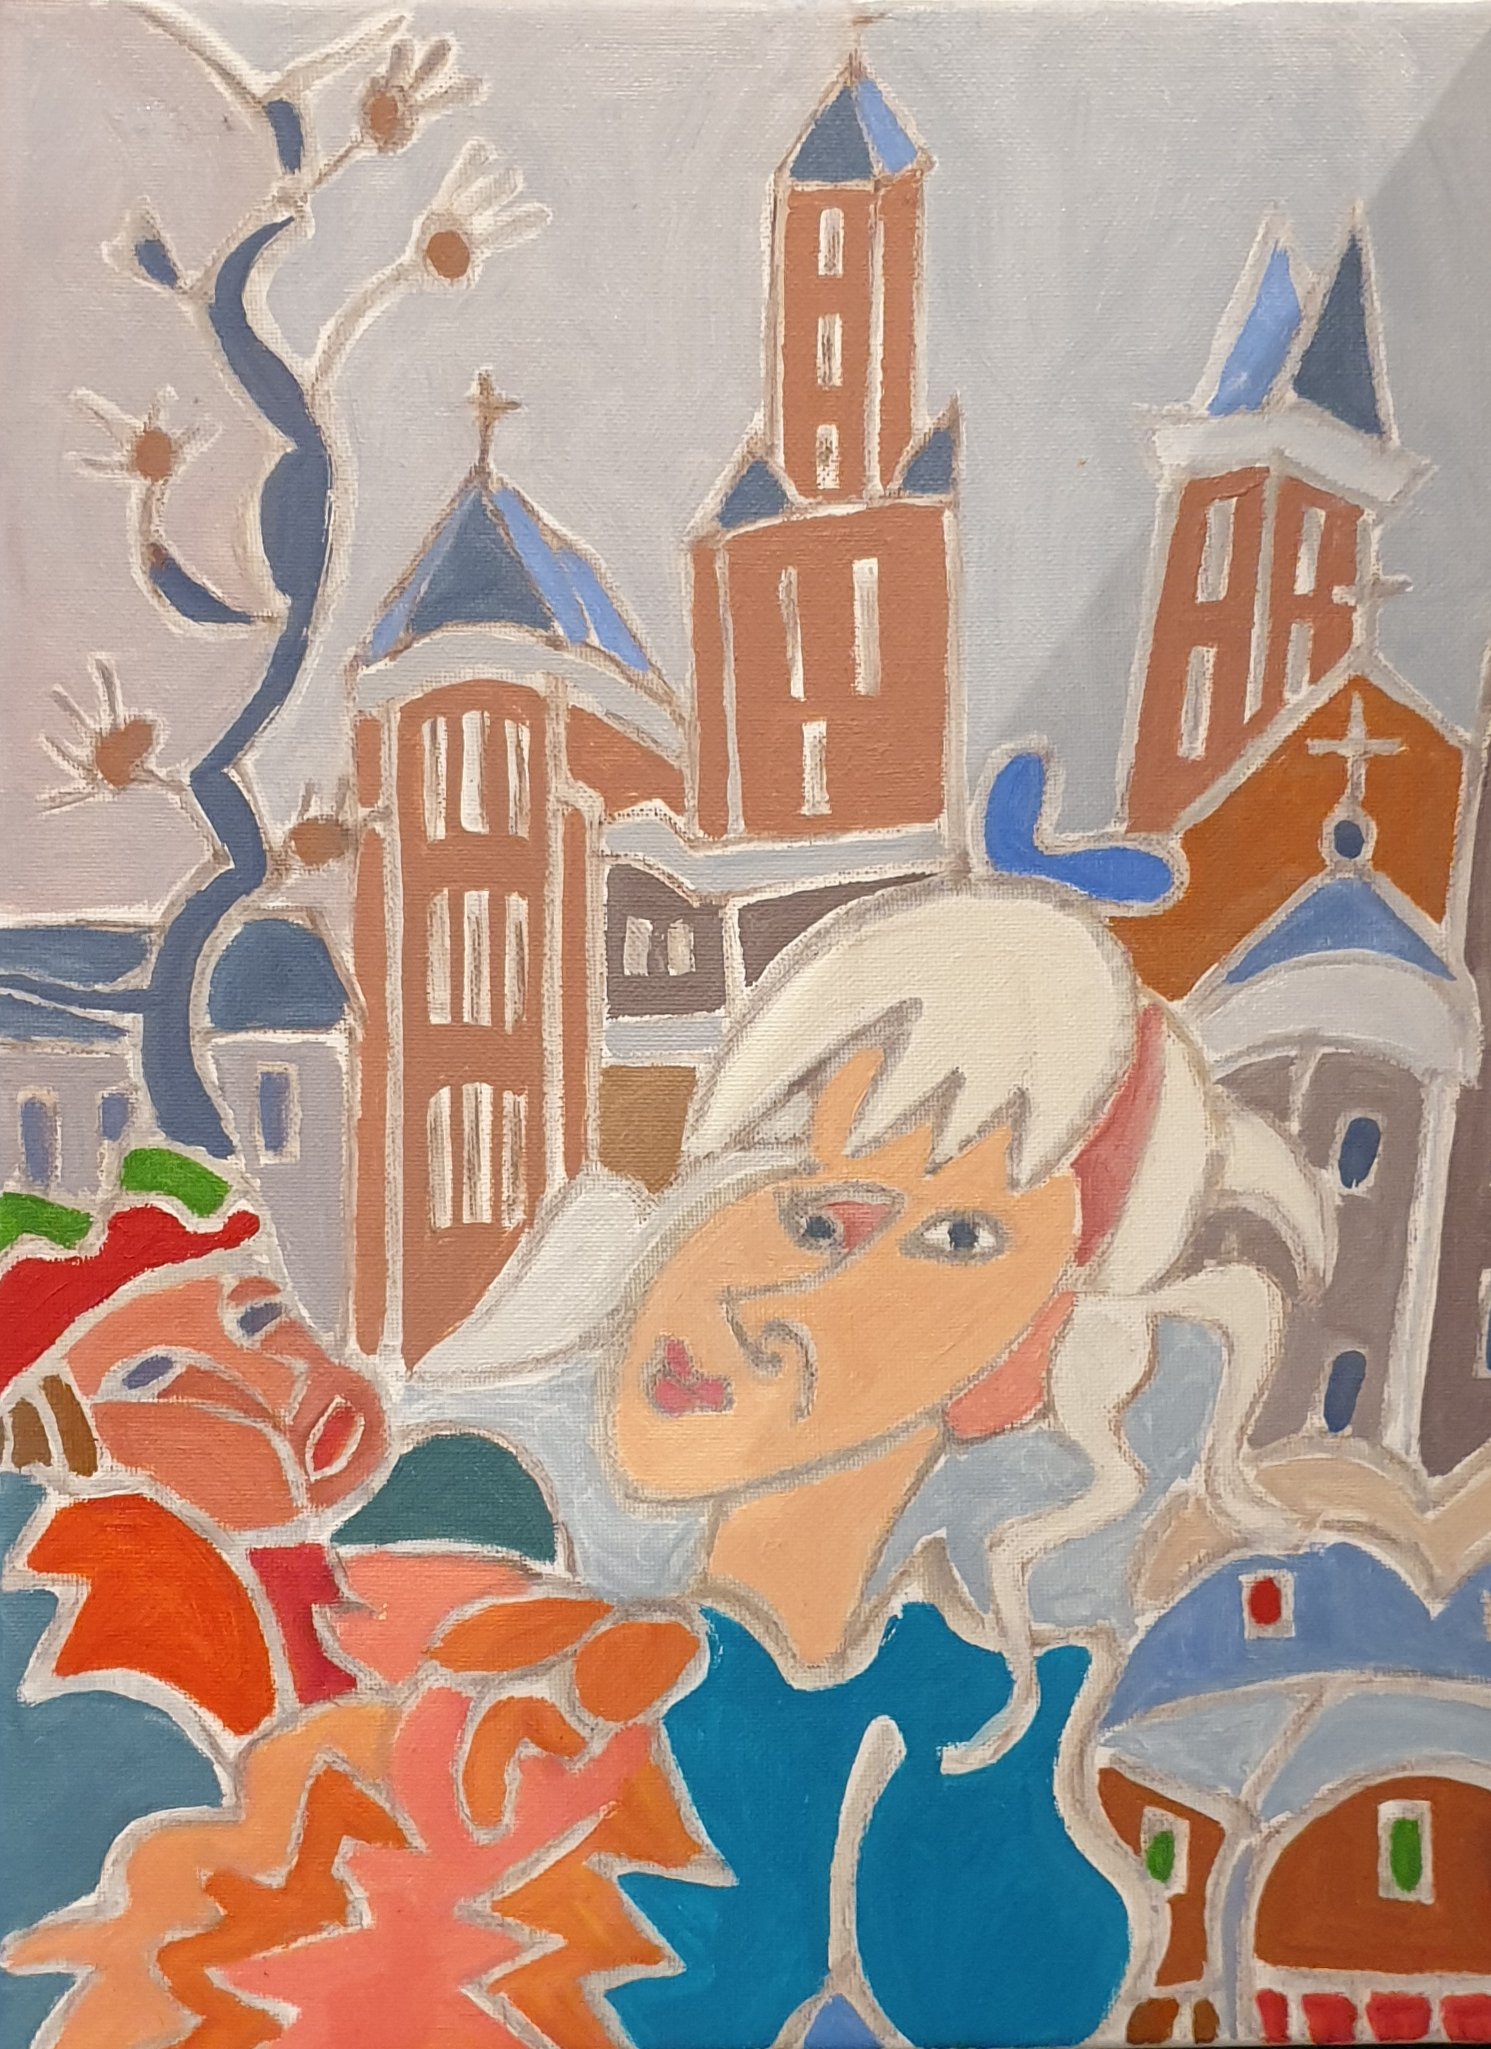 Léa à la perruque blanche Peinture de Henri LANDIER 2020 37,5x28 cm Prix : 3 900 €